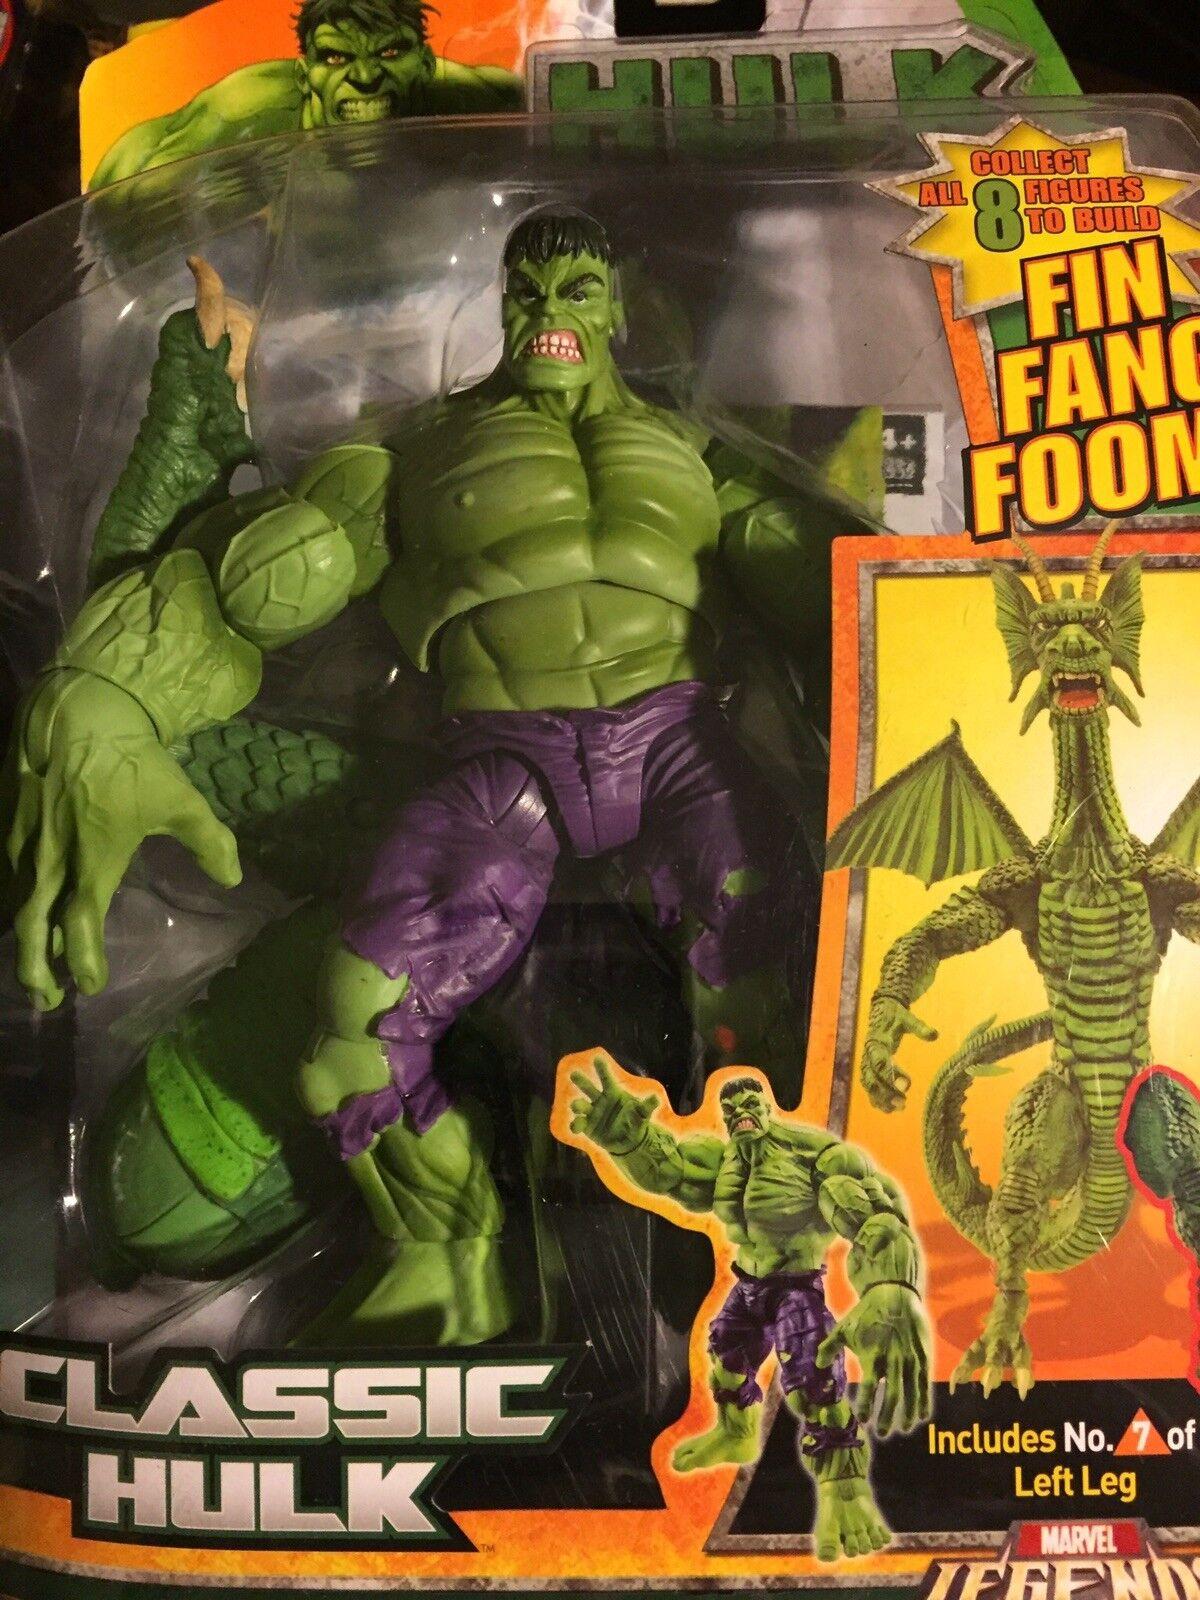 Marvel - legenden - klassiker hulk - fin fang foom baf hulk - serie versiegelt abbildung